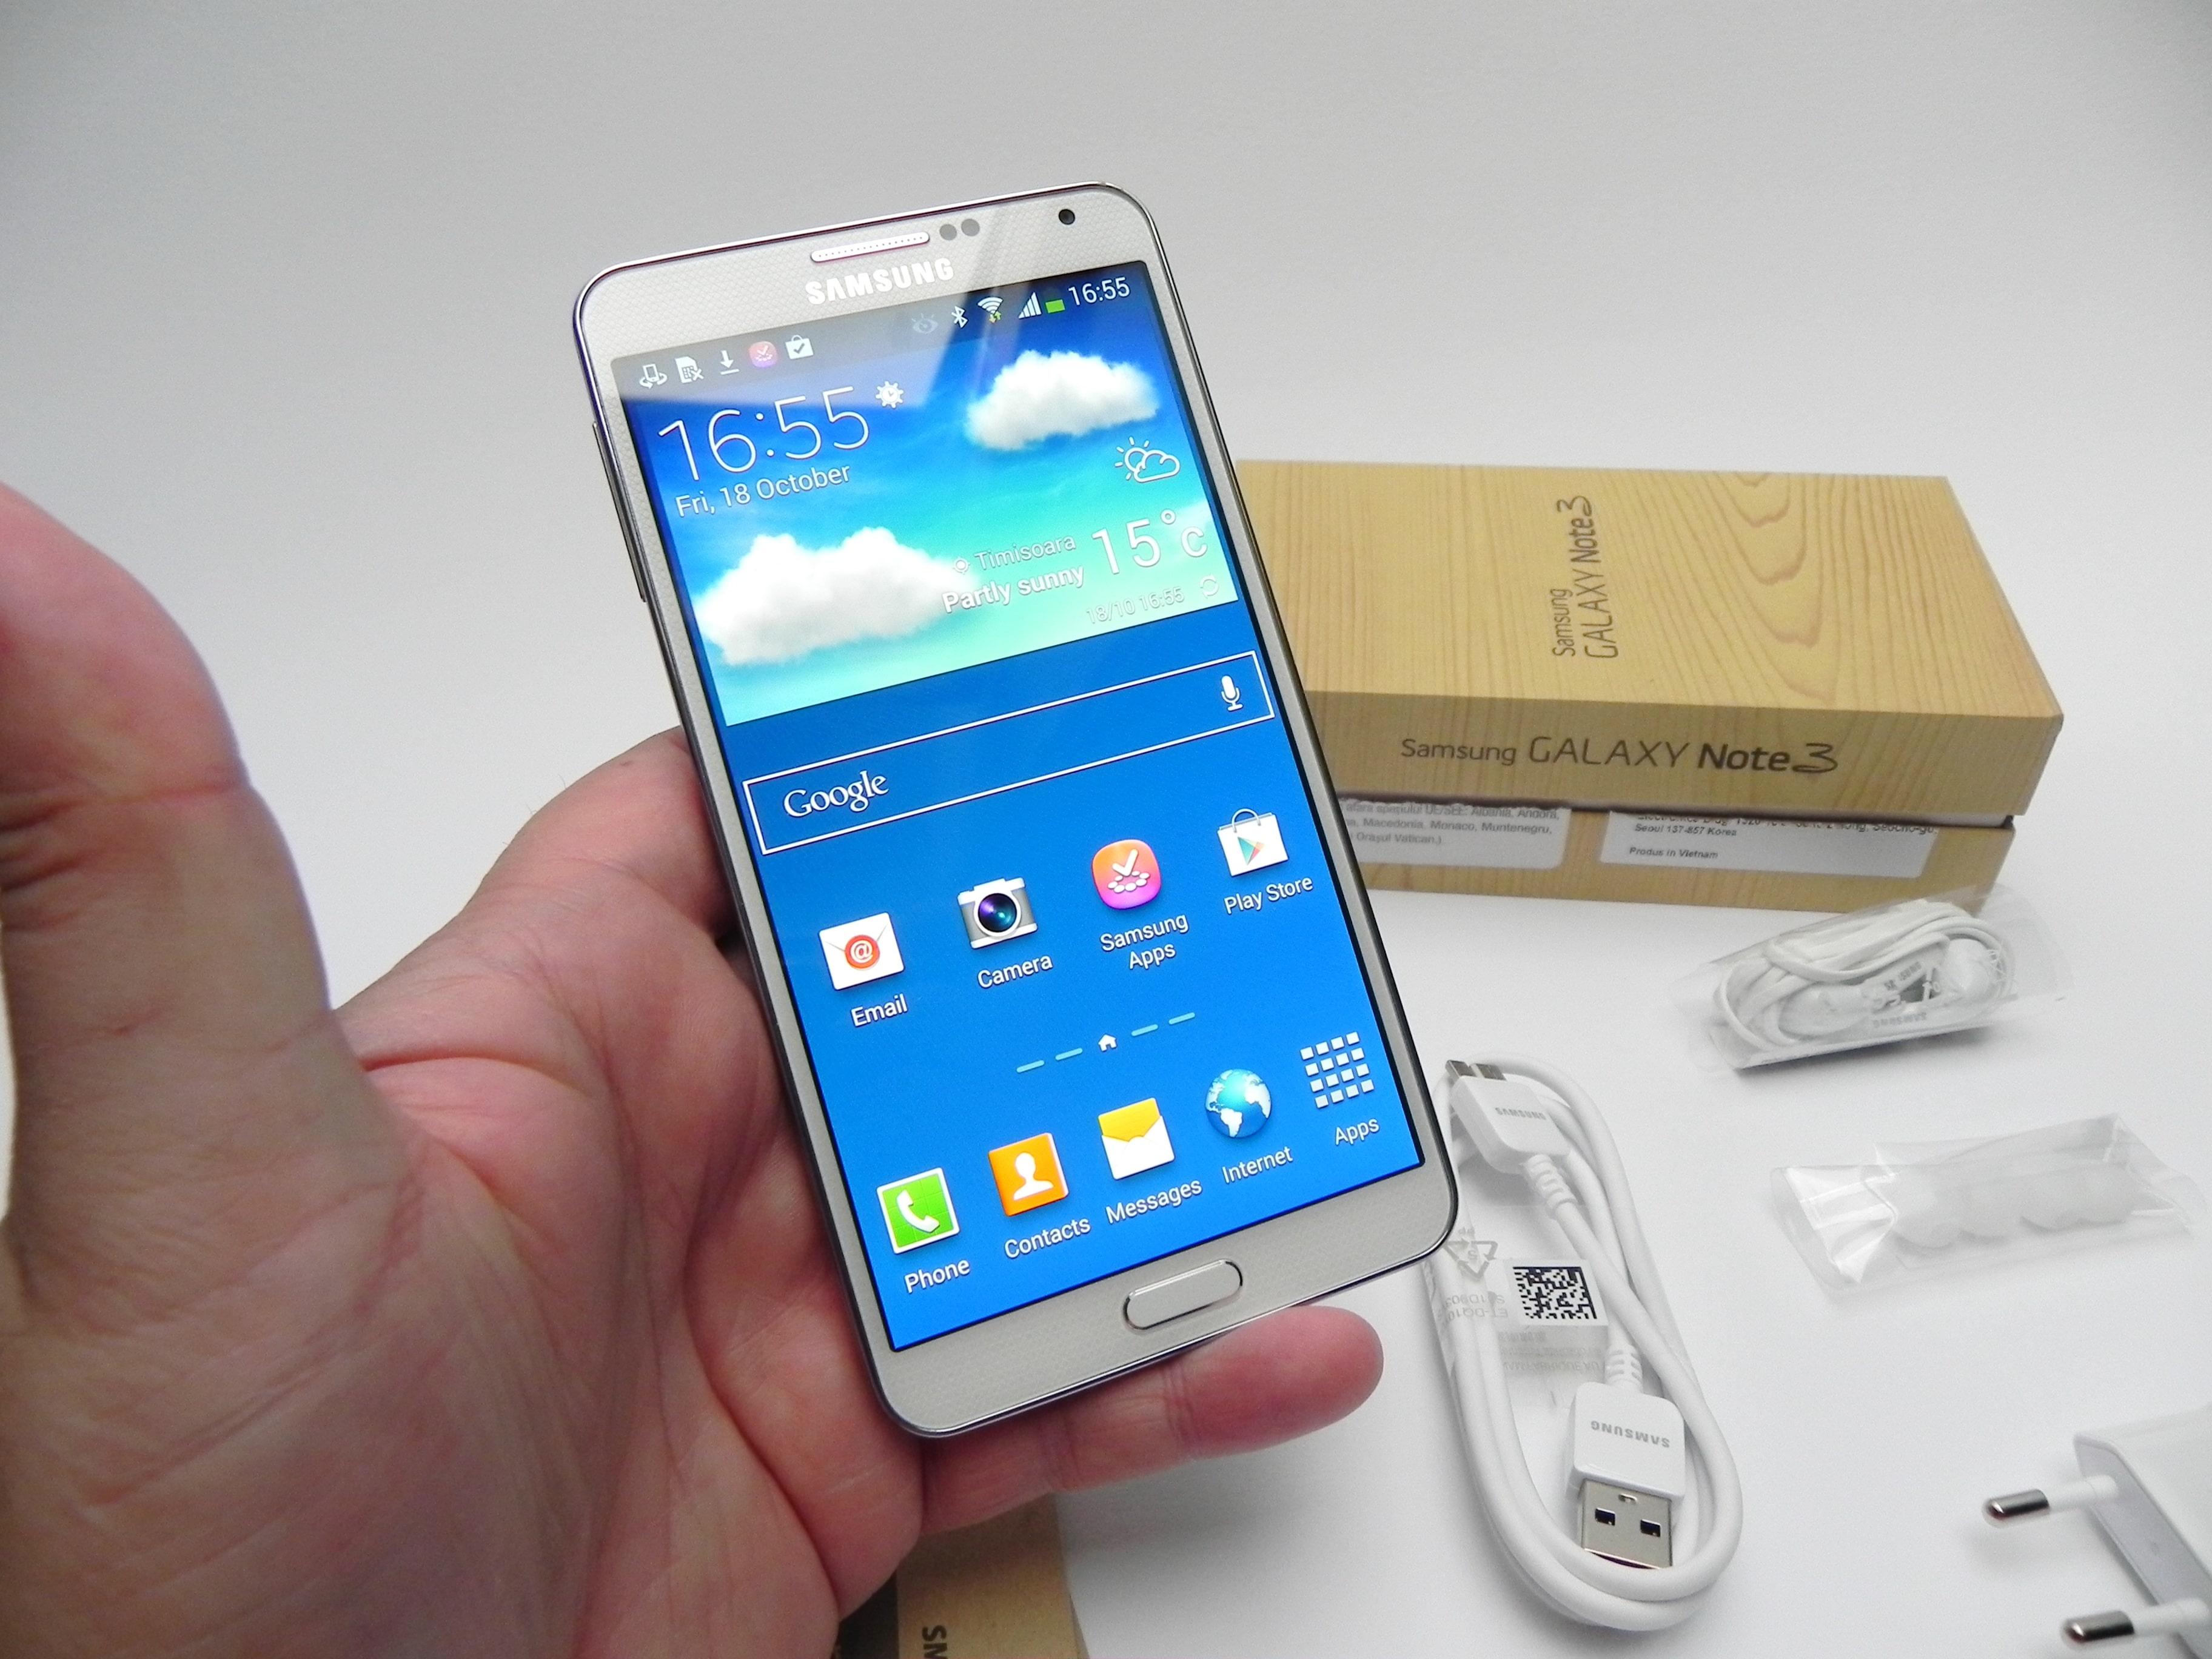 Samsung-Galaxy-Note-3-yorumlar